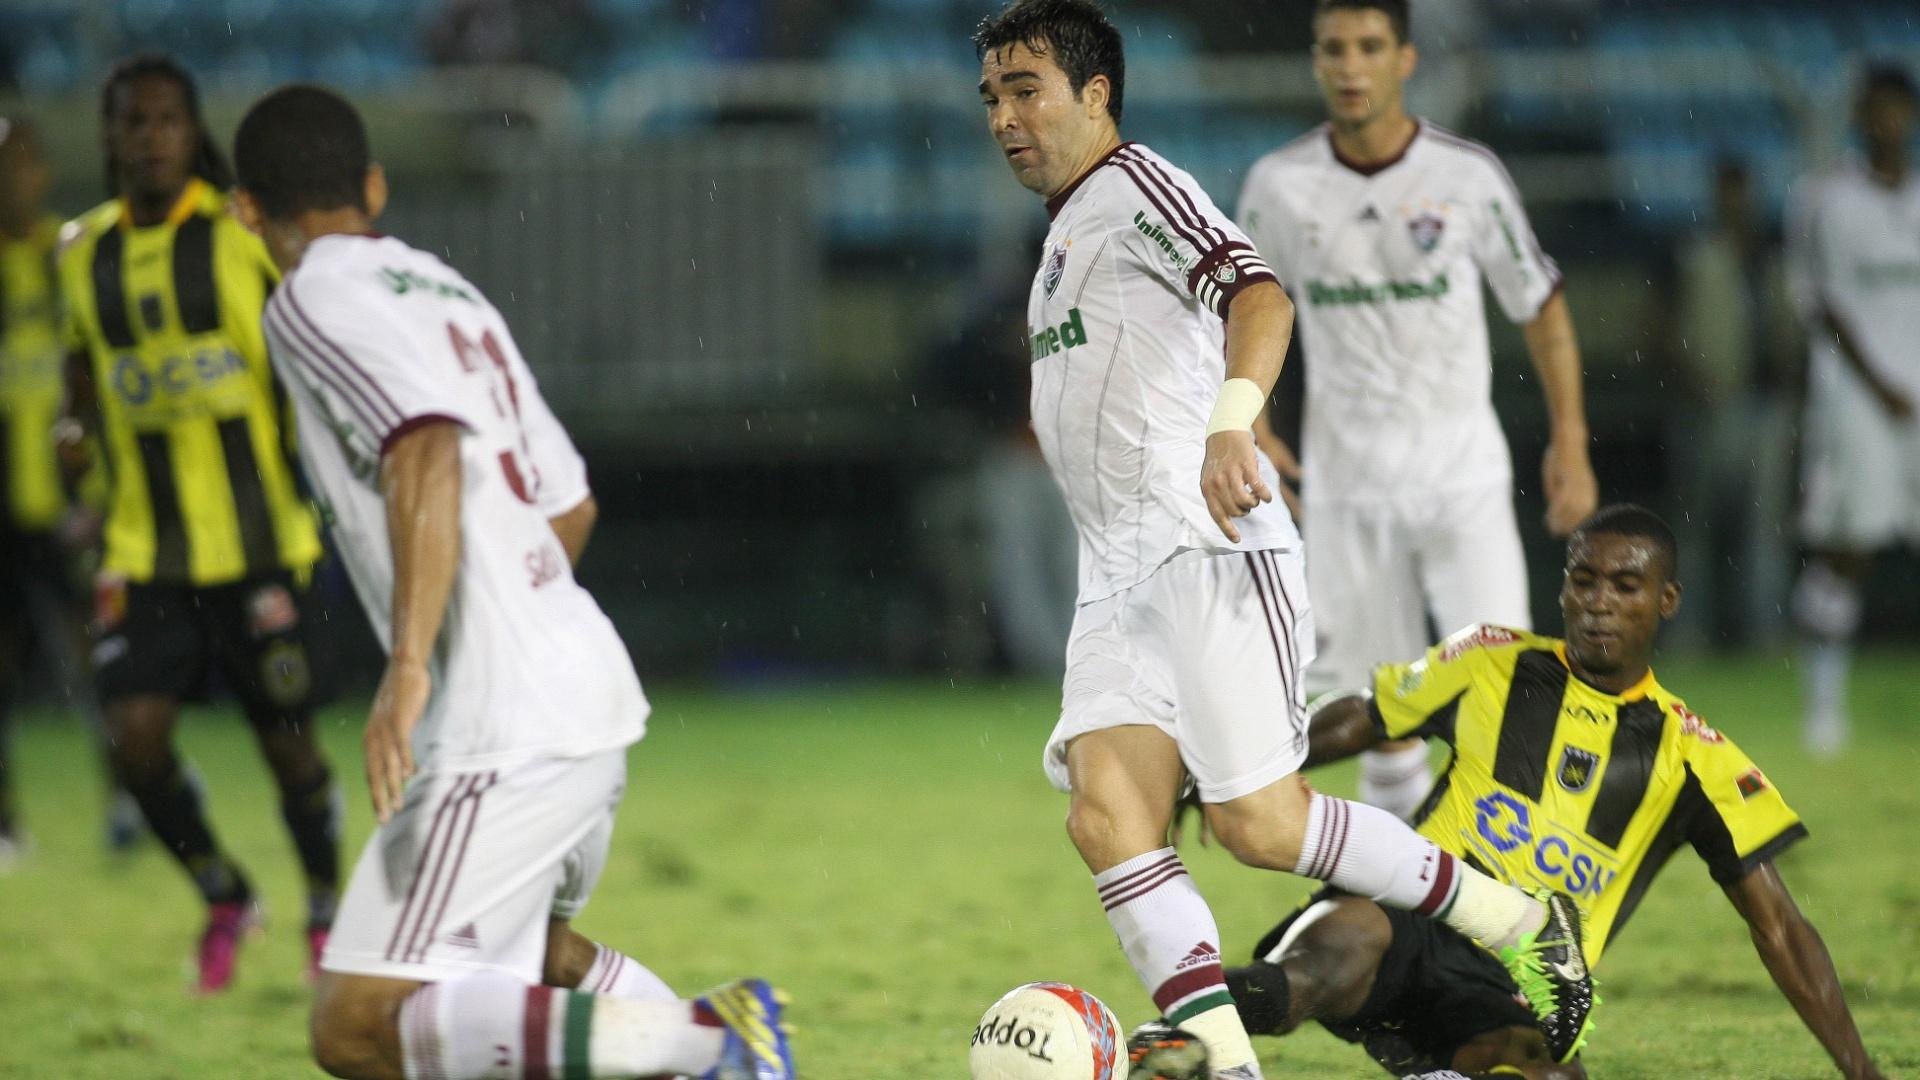 Deco passa por adversário do Volta Redonda e tenta passe em vitória do Fluminense no Carioca